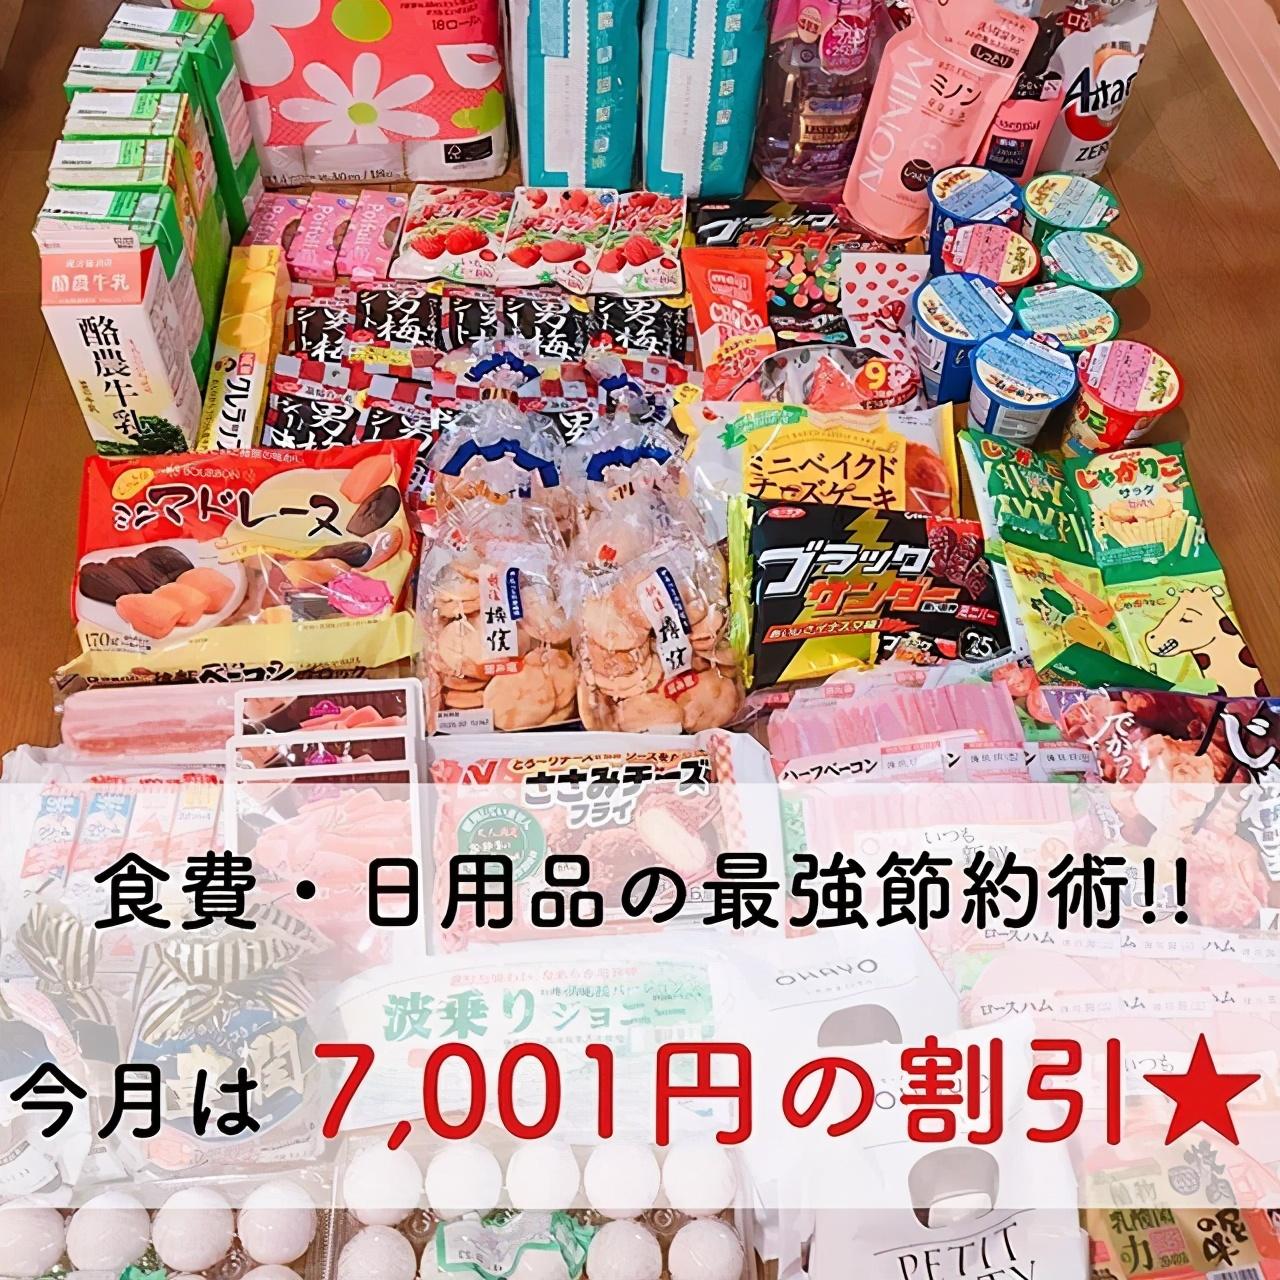 热衷节约的日本主妇,每顿饭不超过7元,网友:太会省钱了 节约省钱 第4张